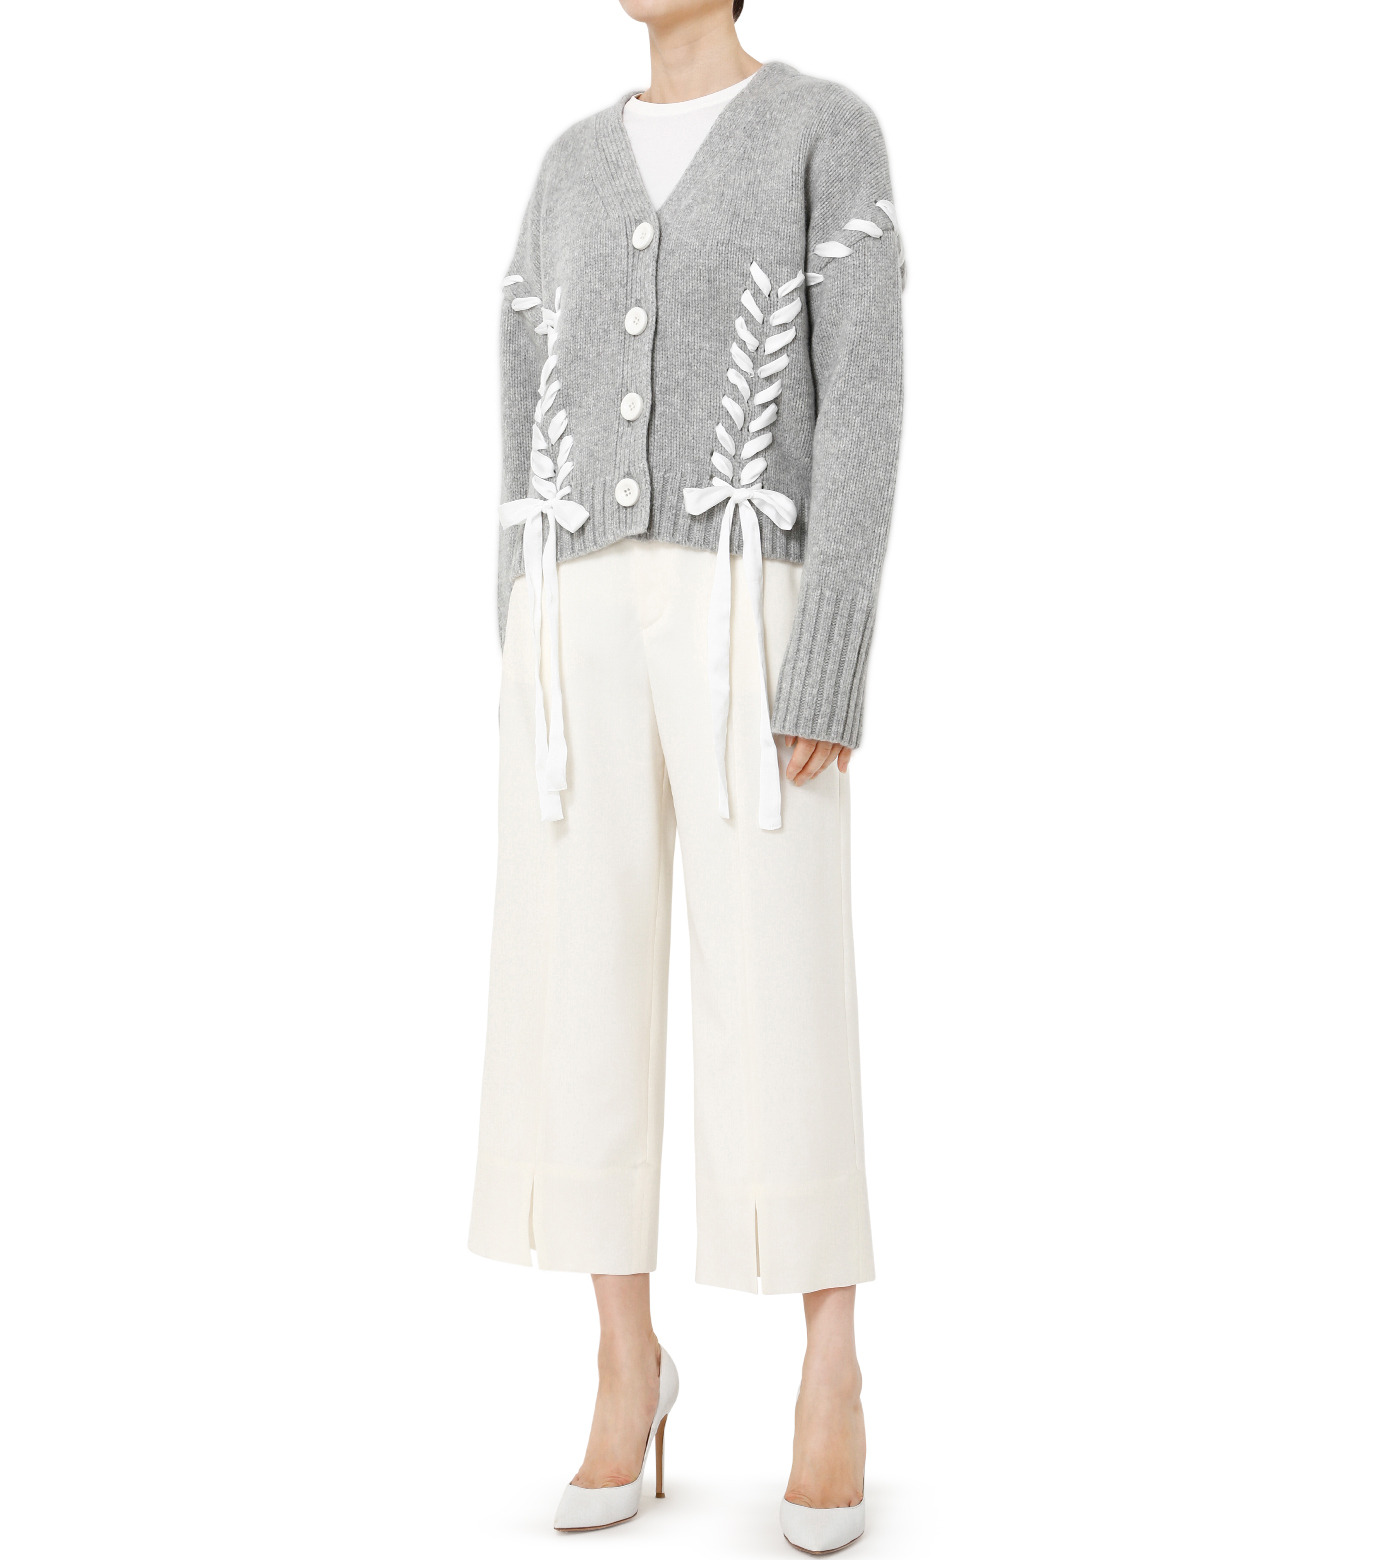 LE CIEL BLEU(ルシェルブルー)のサマーウールストレートパンツ-WHITE(パンツ/pants)-19S68105 拡大詳細画像2